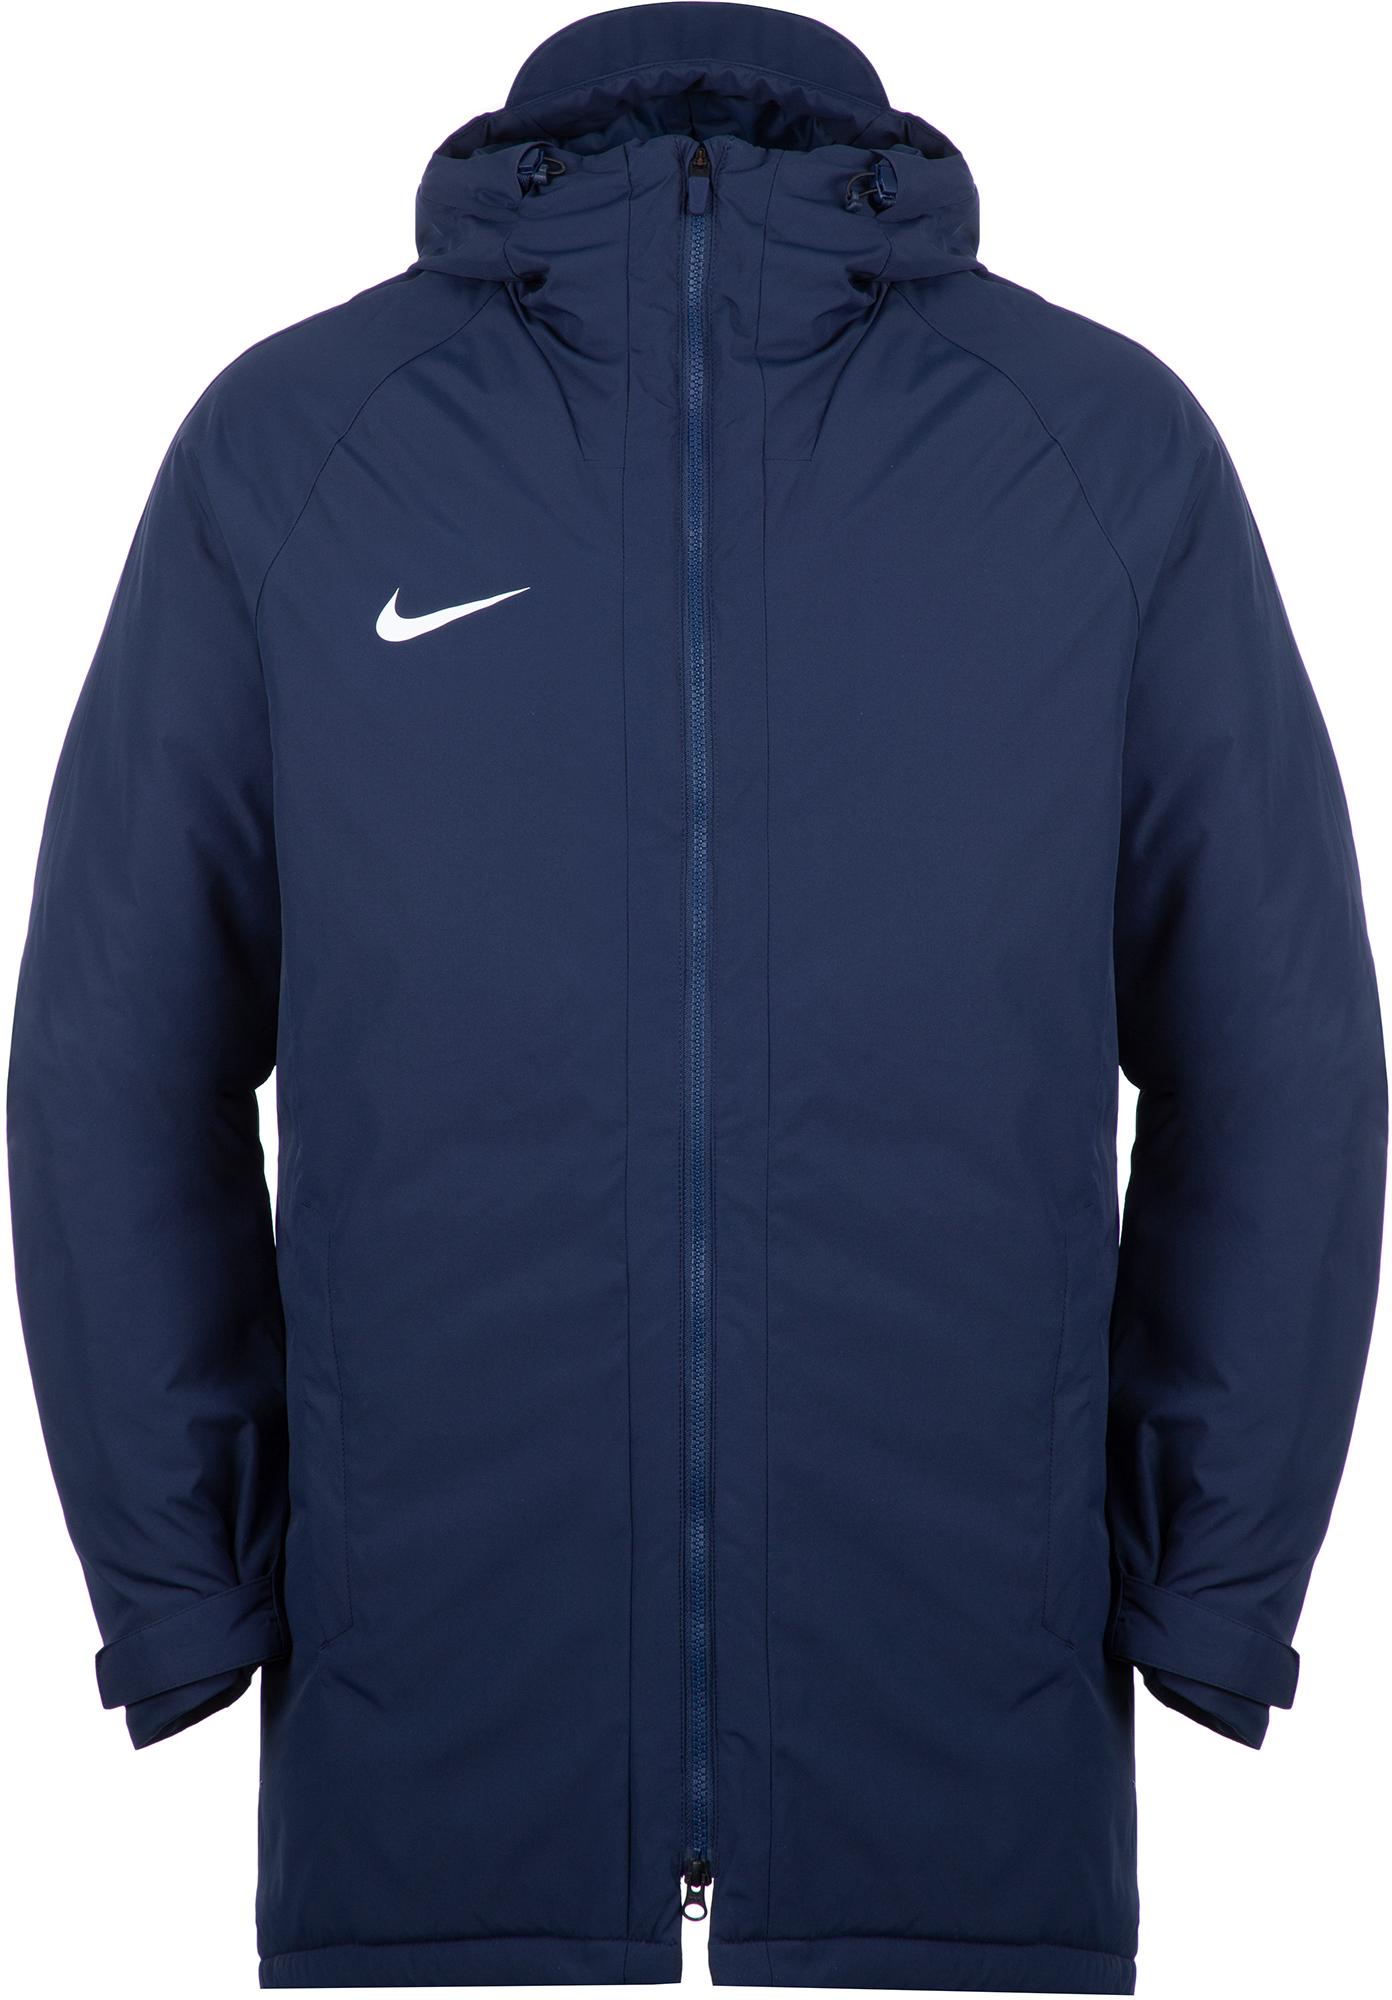 Nike Куртка утепленная мужская Nike Dry Academy18, размер 52-54